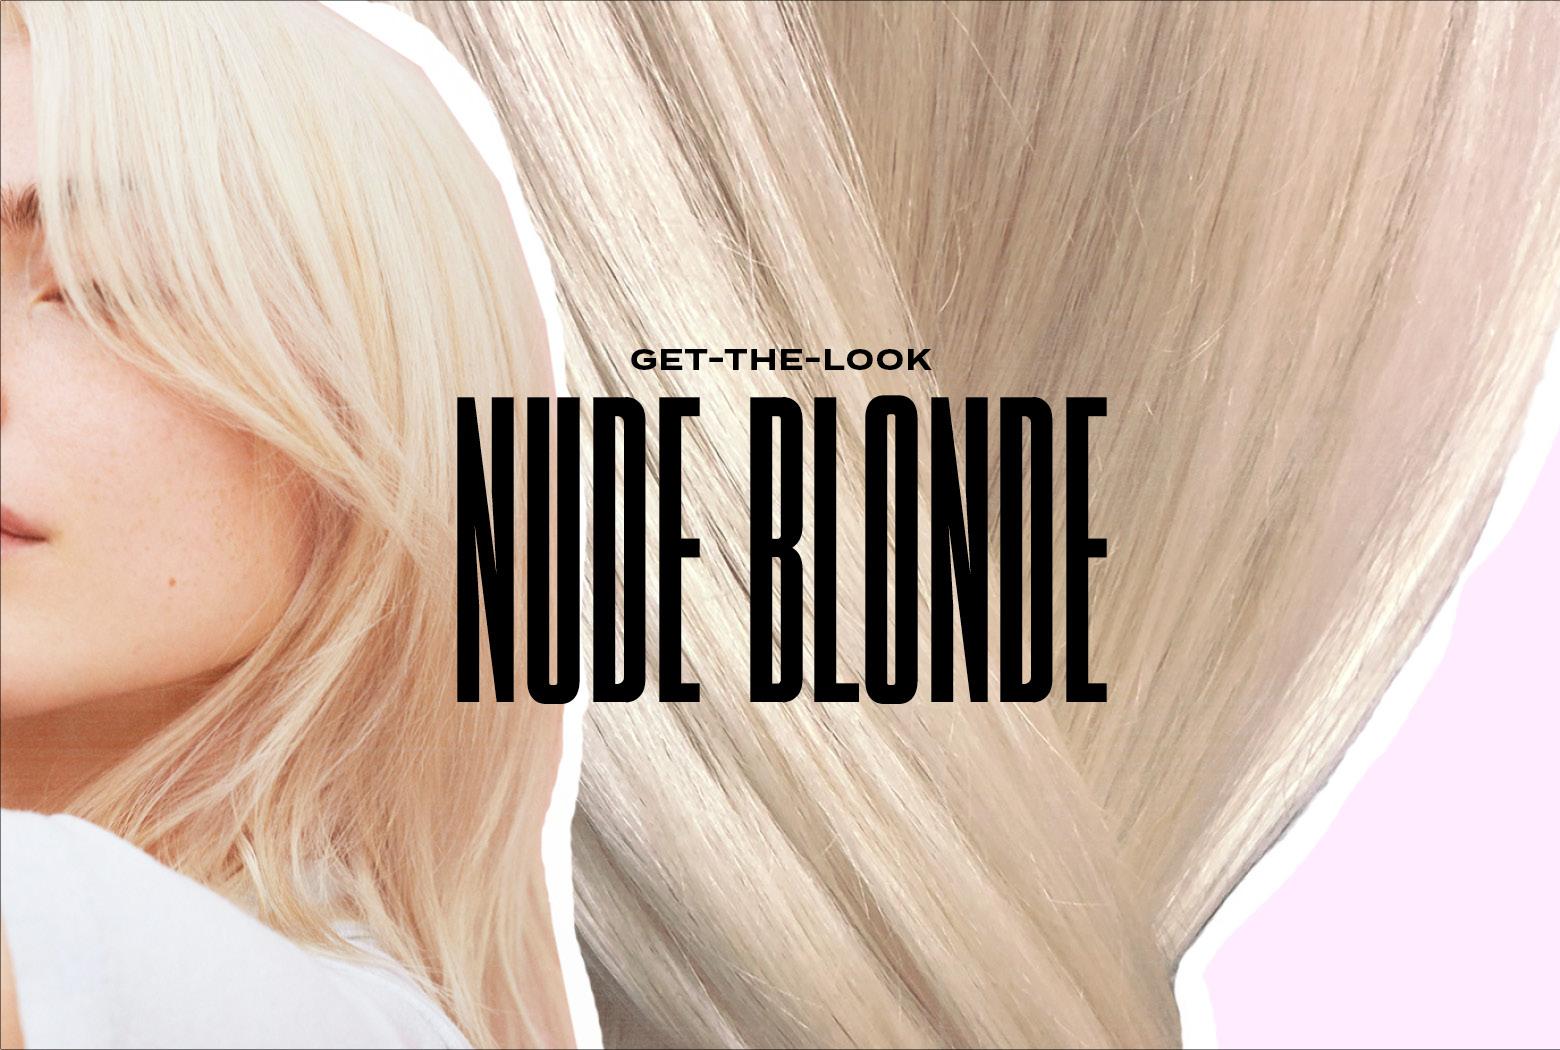 Nude Blonde image